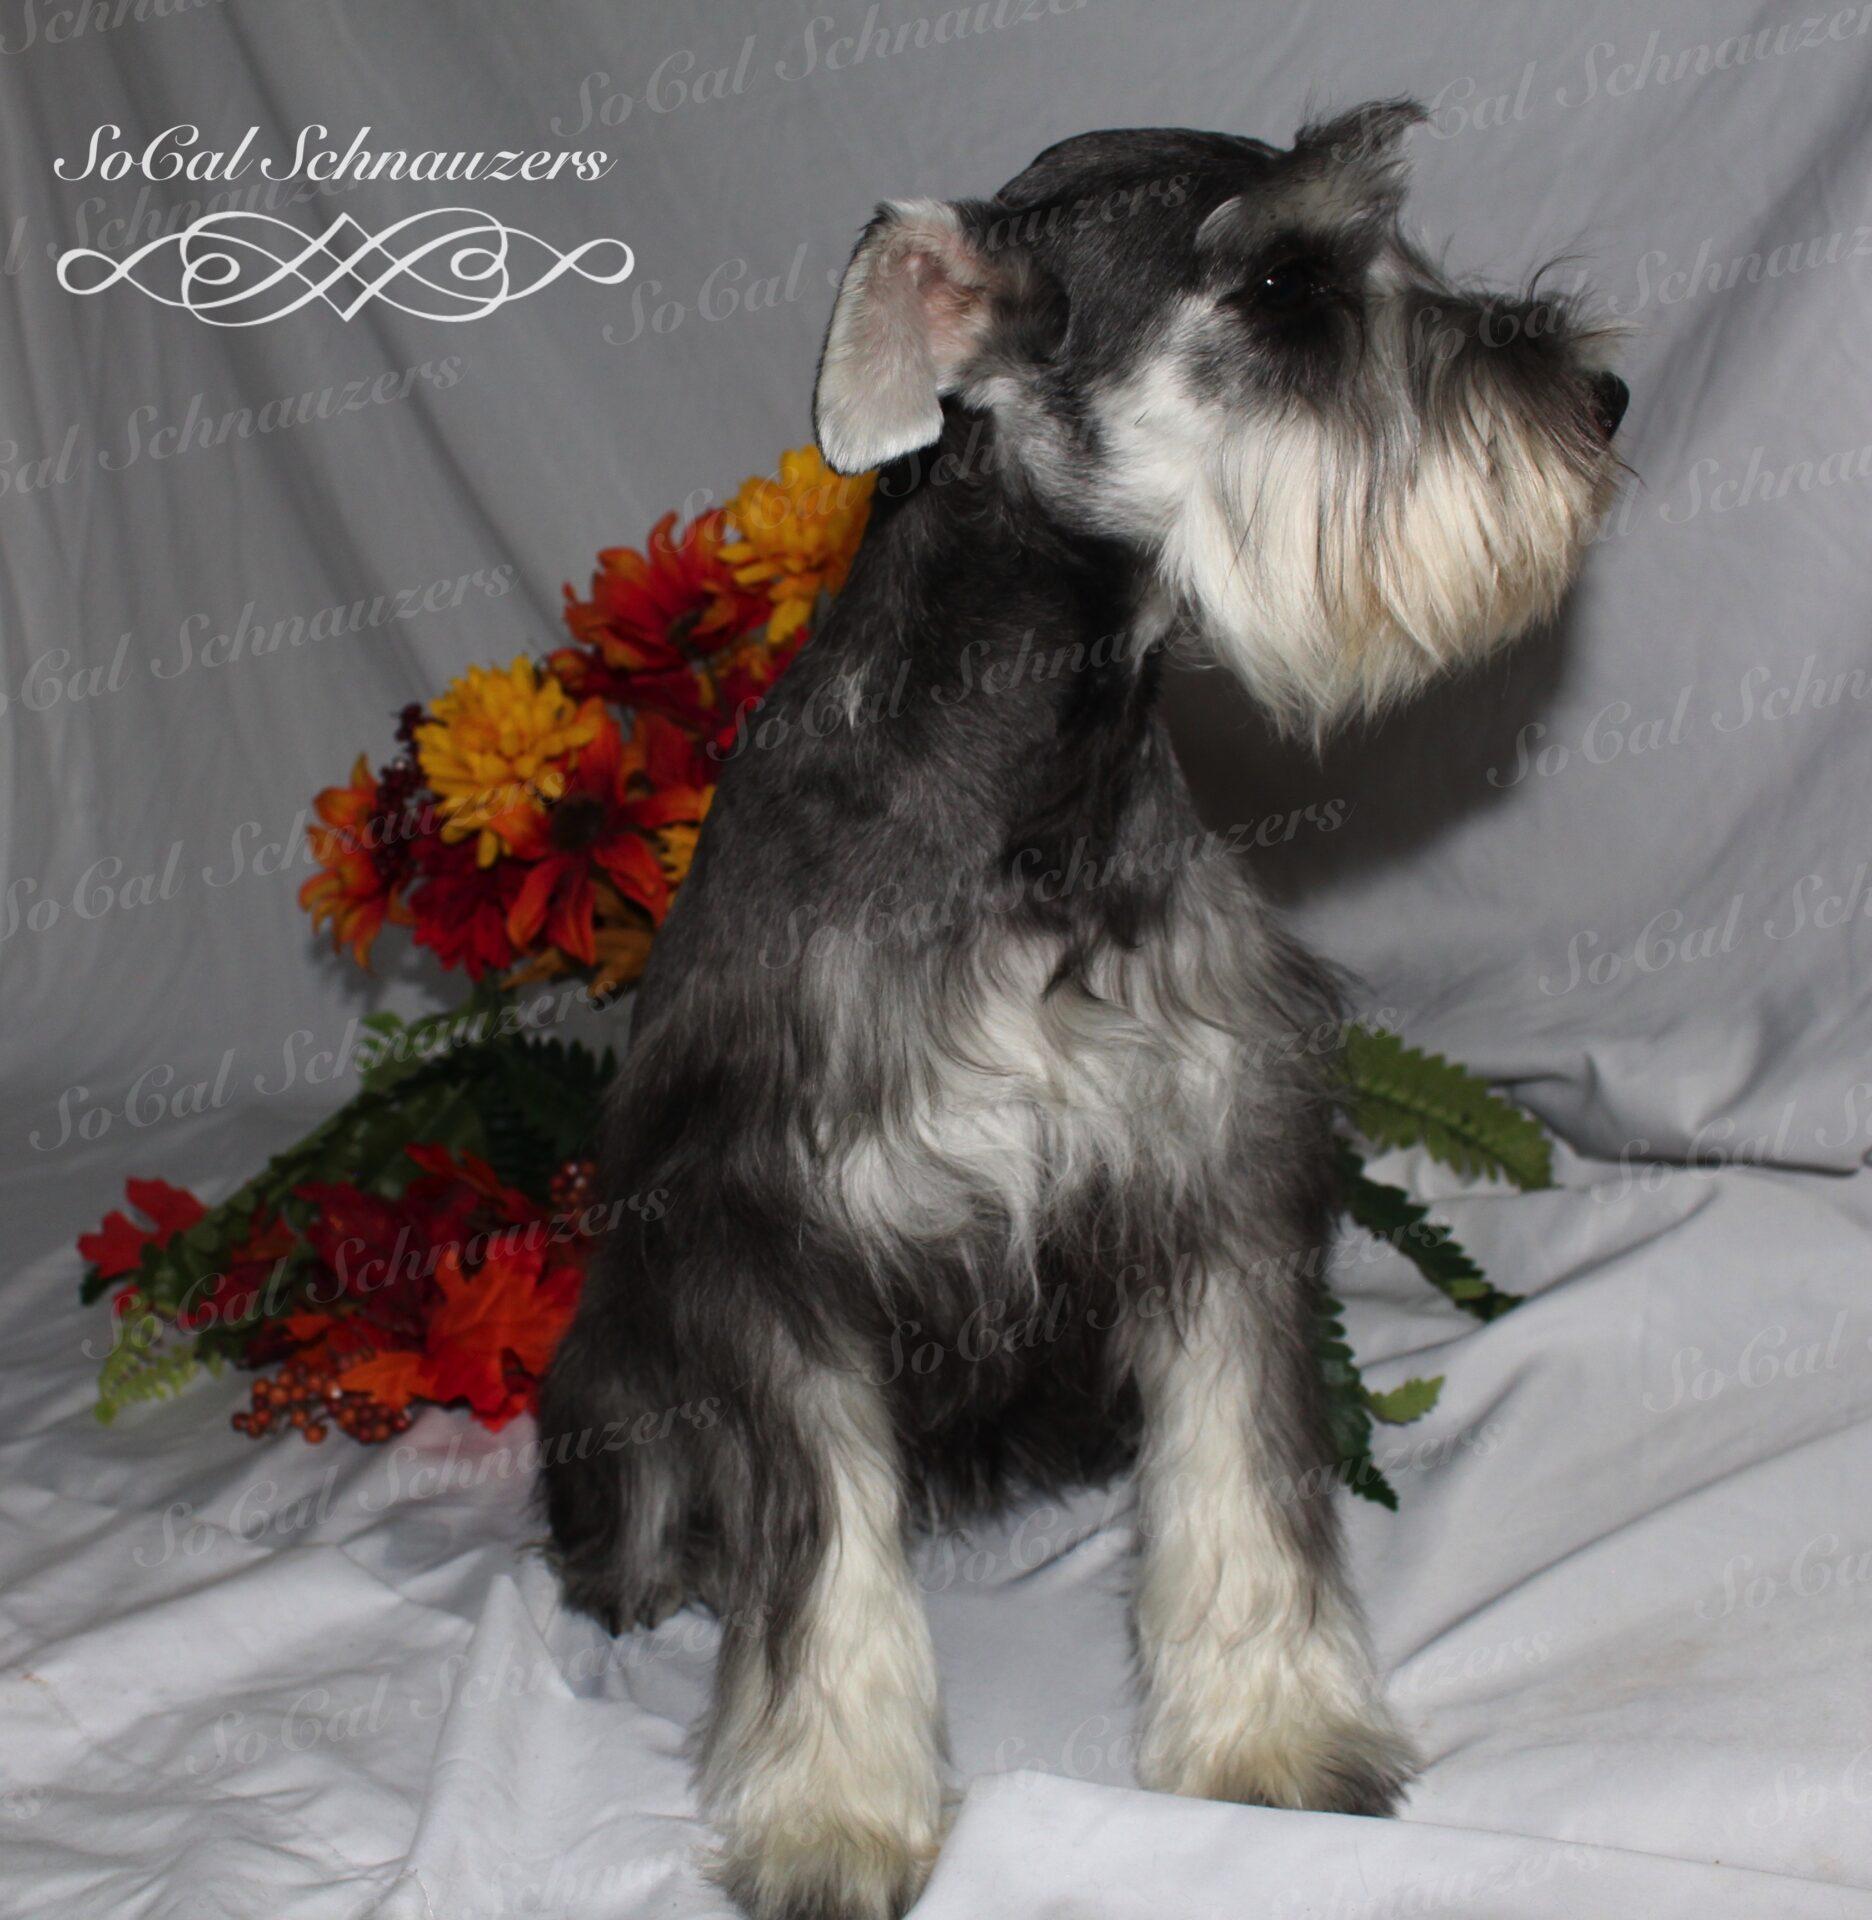 Watermark photo of schnauzer and flowers